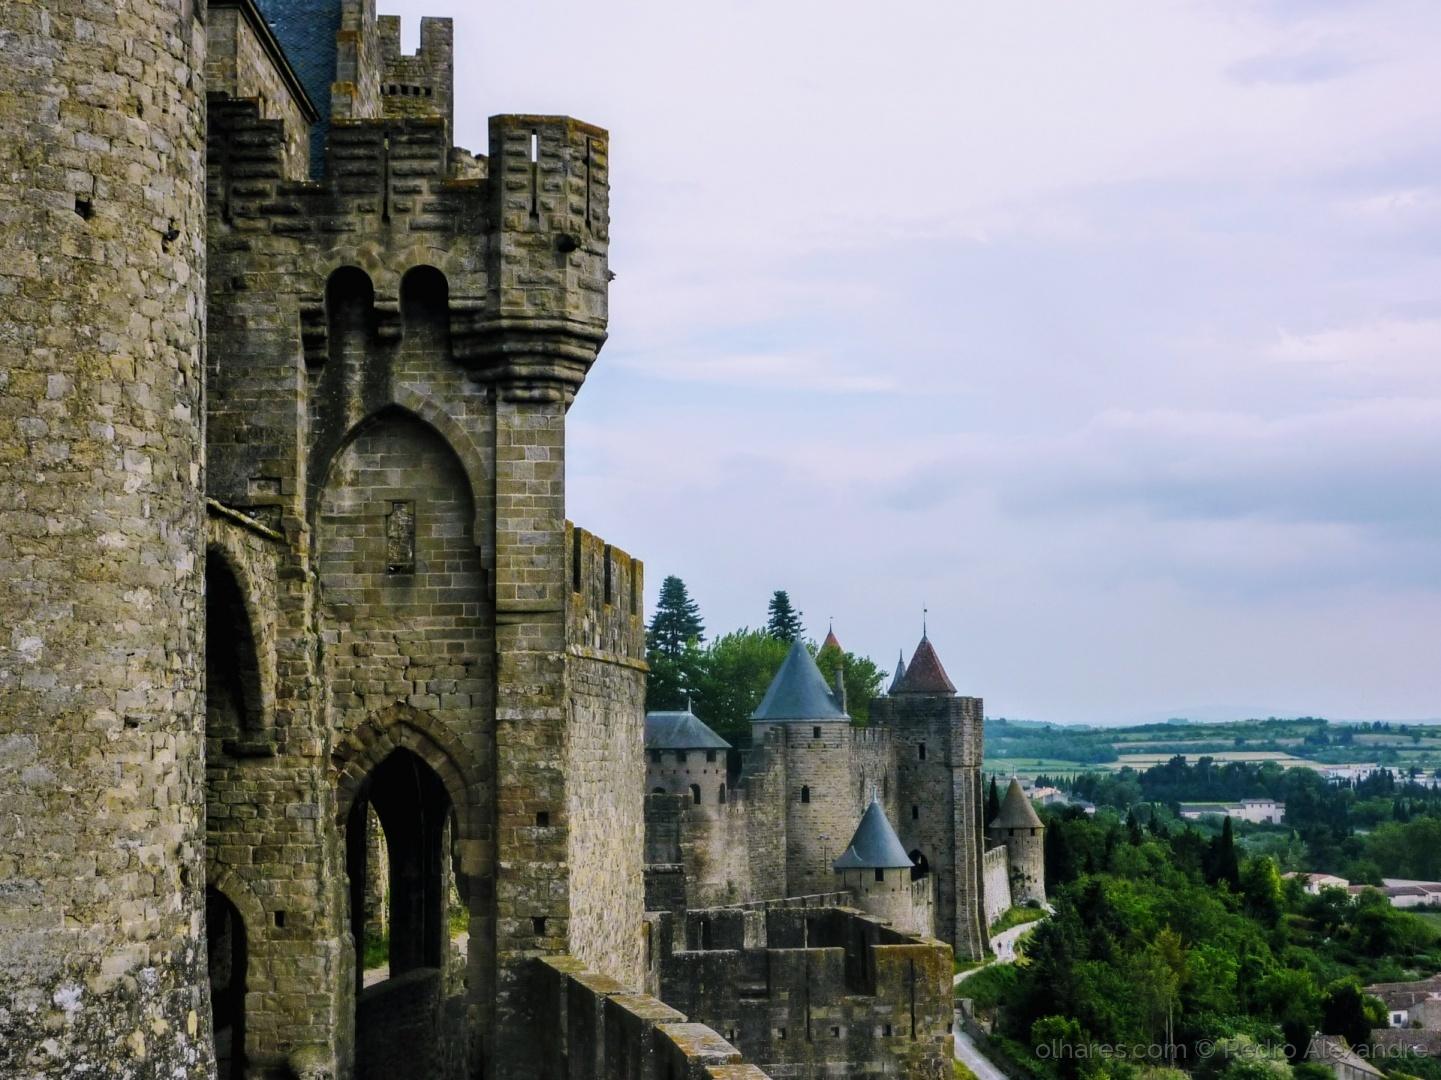 História/Castelo de Carcassonne